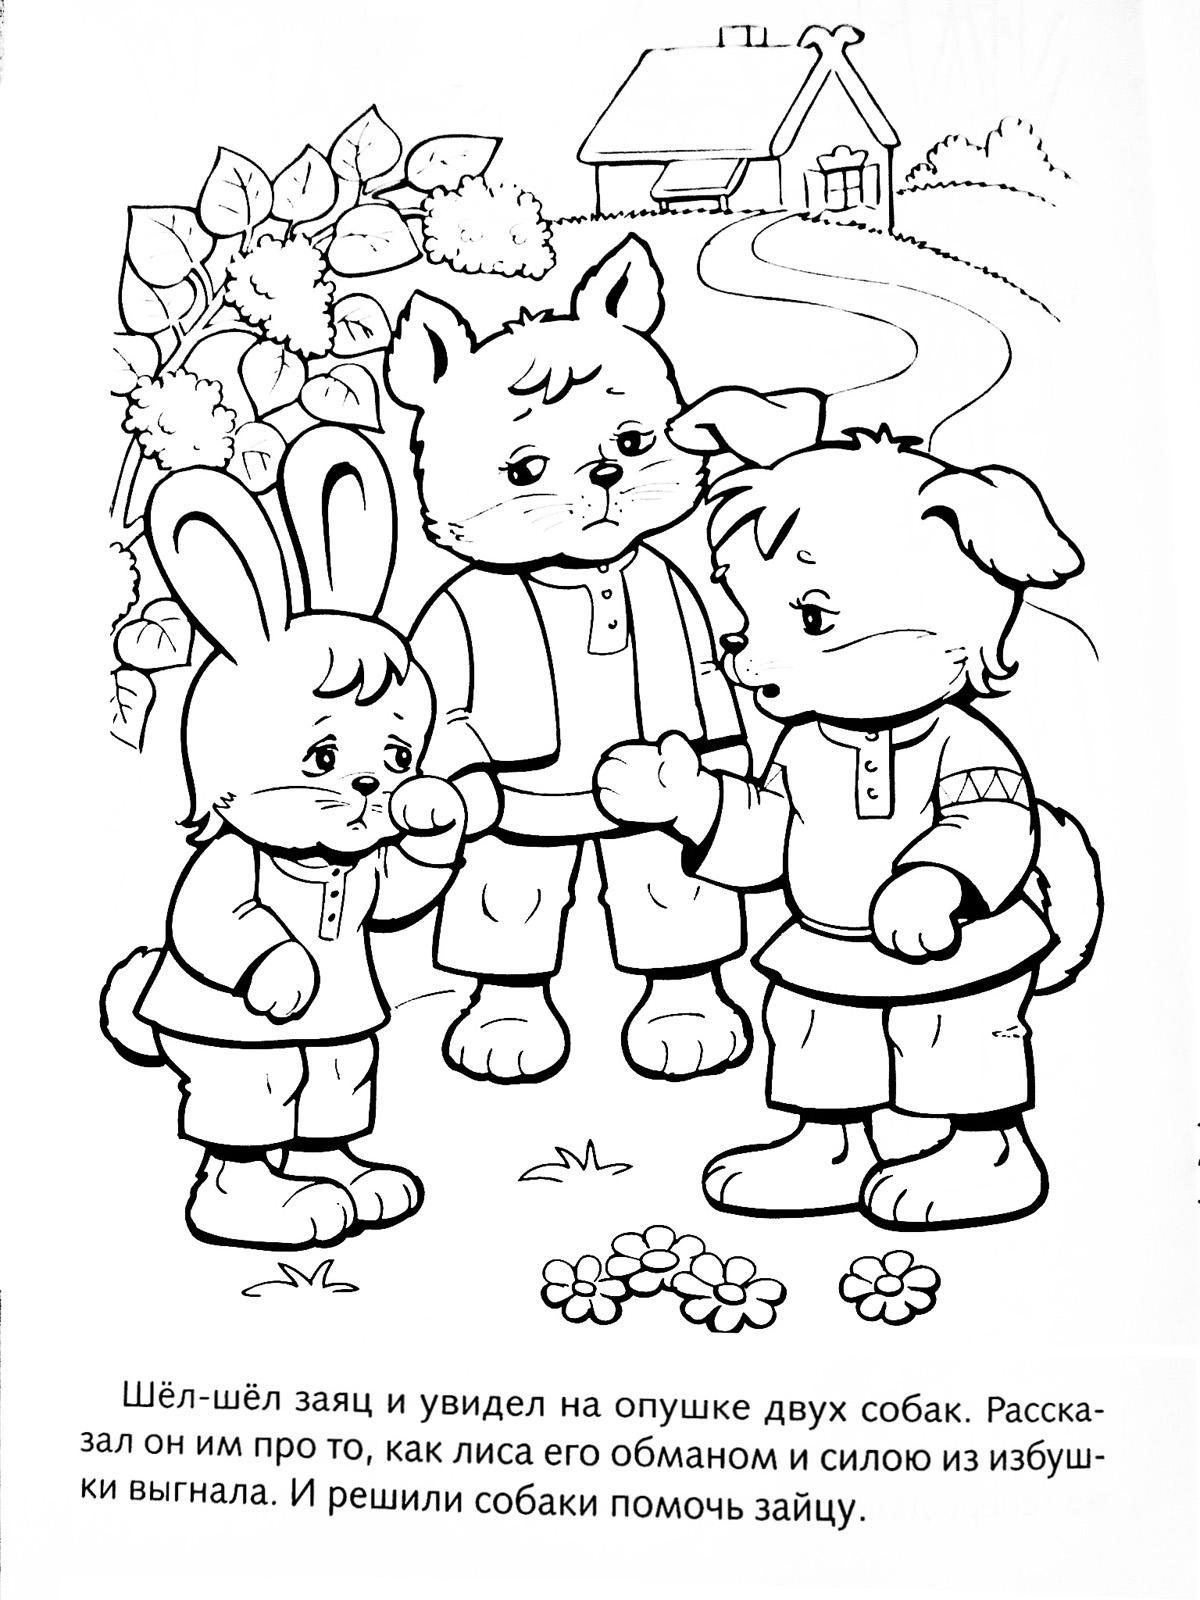 заюшкина избушка раскраска заяц плачет распечатать